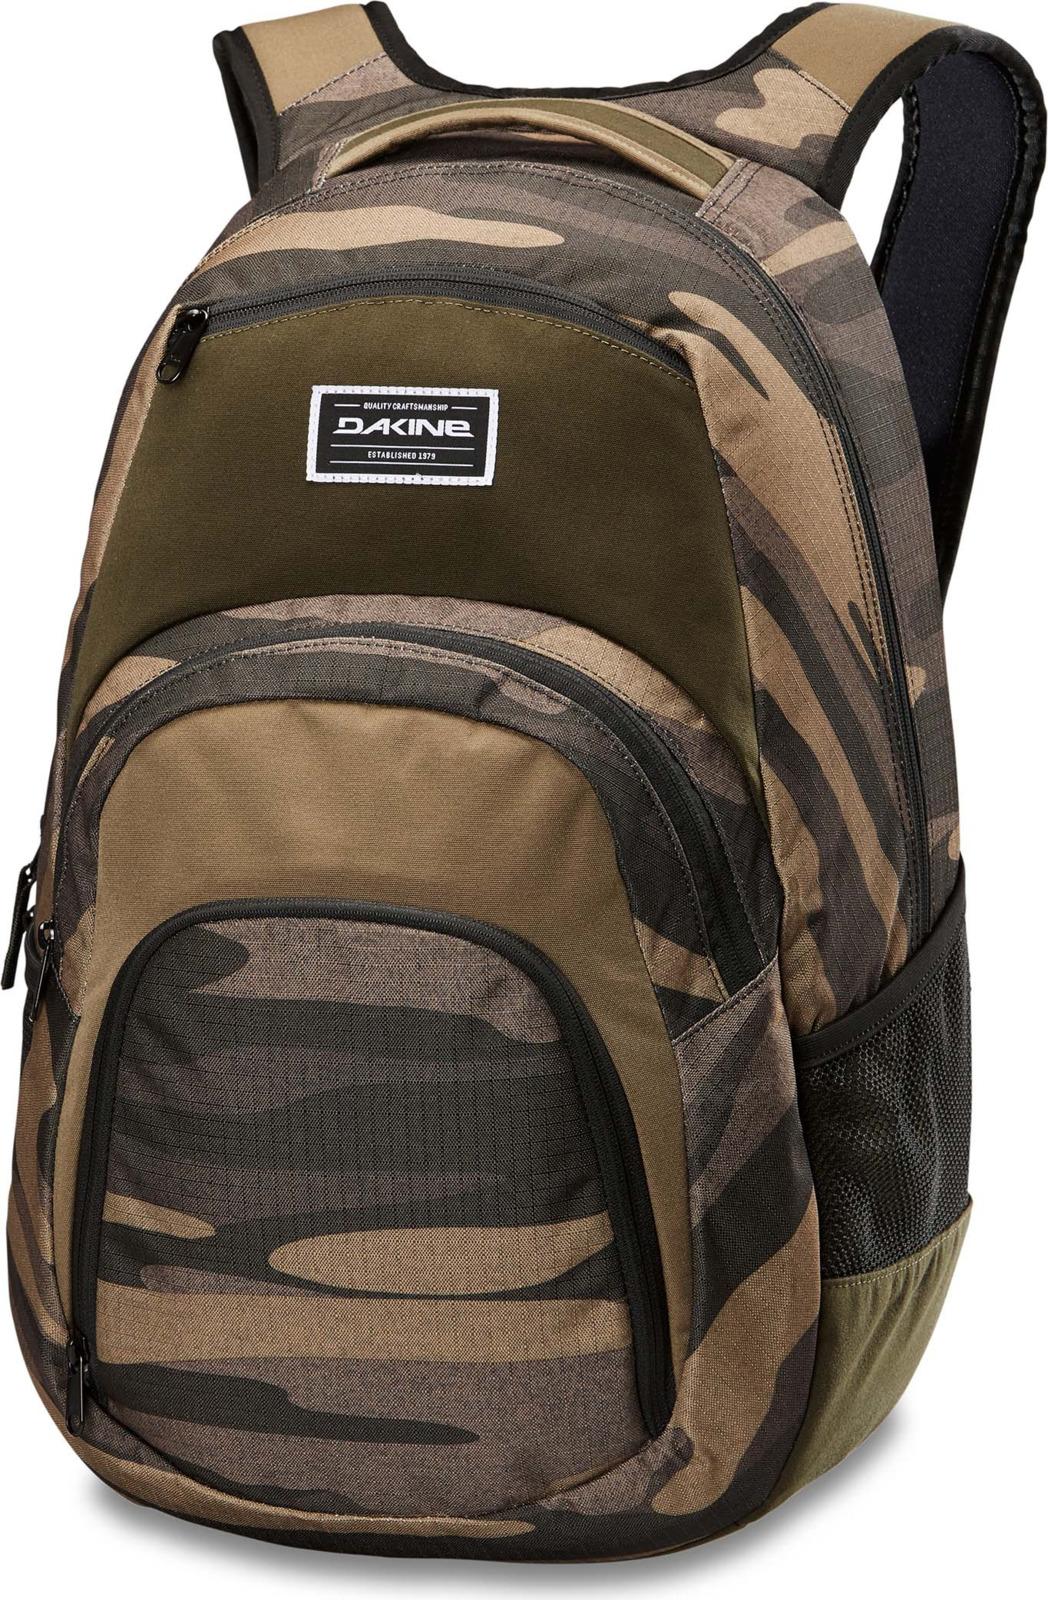 Рюкзак Dakine Campus, цвет: камуфляж, 33 л oiwas ноутбук рюкзак мода случайные